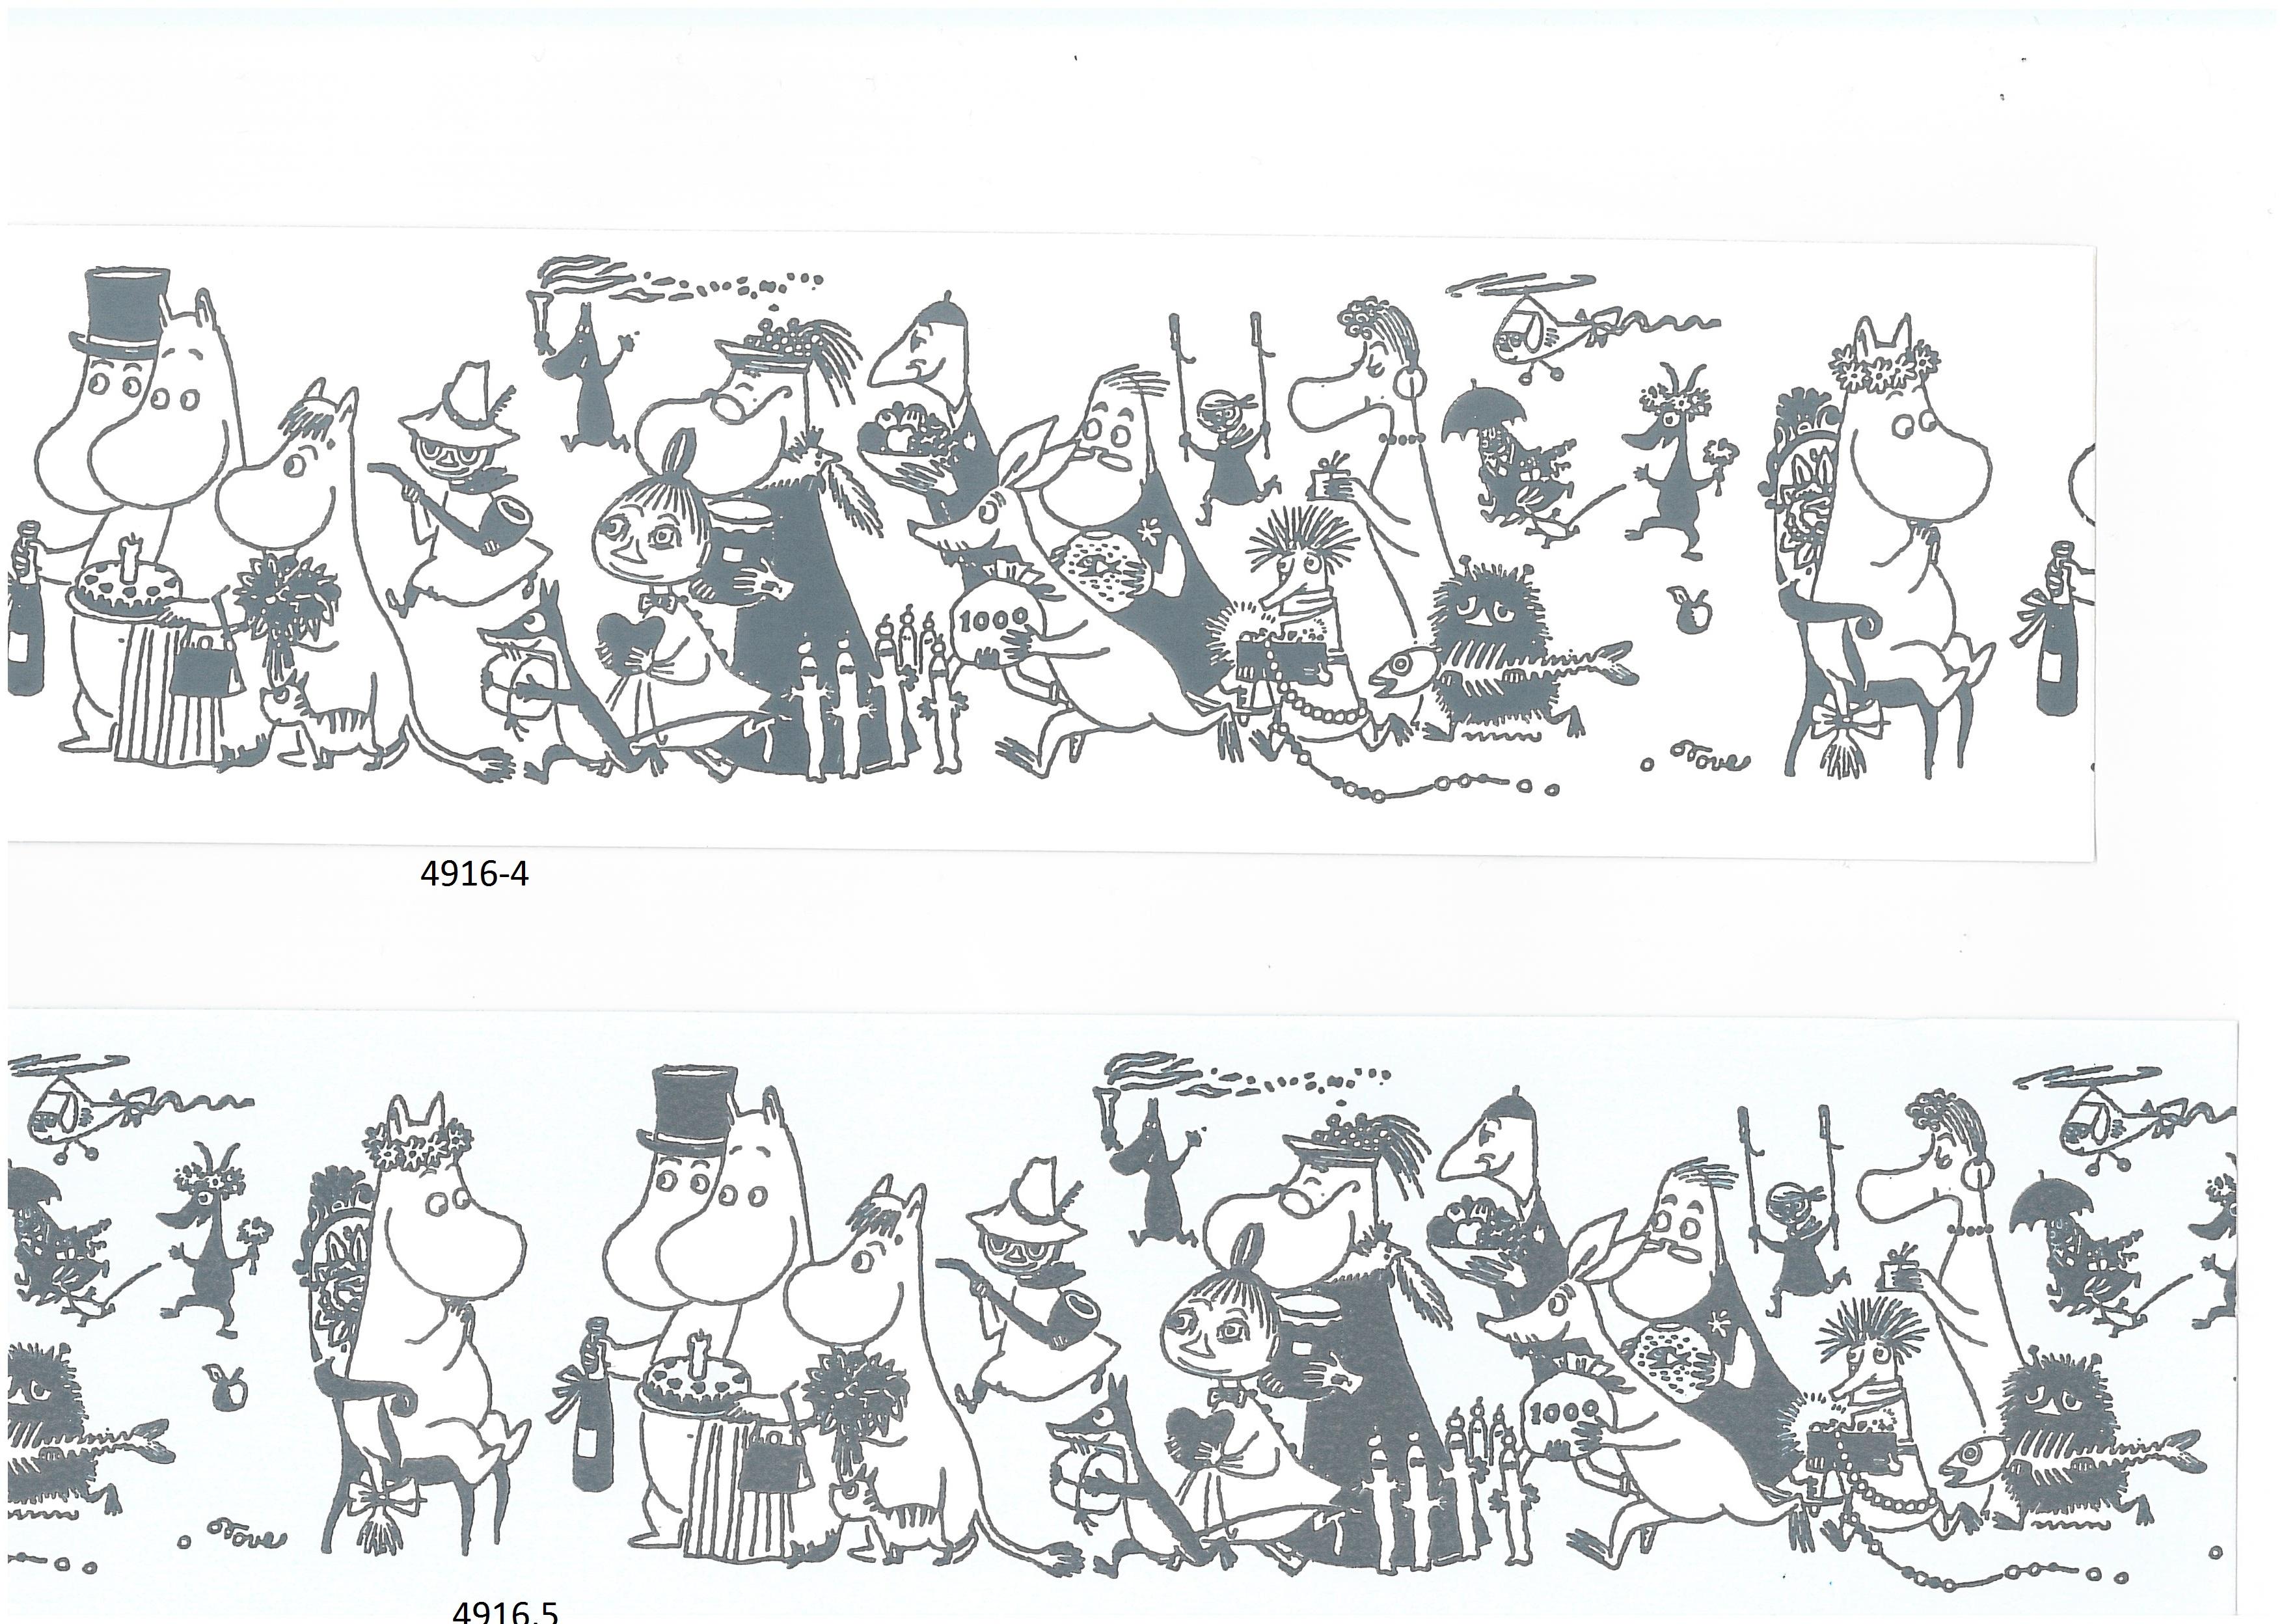 Moomin borders 4916-4 , 4916-5